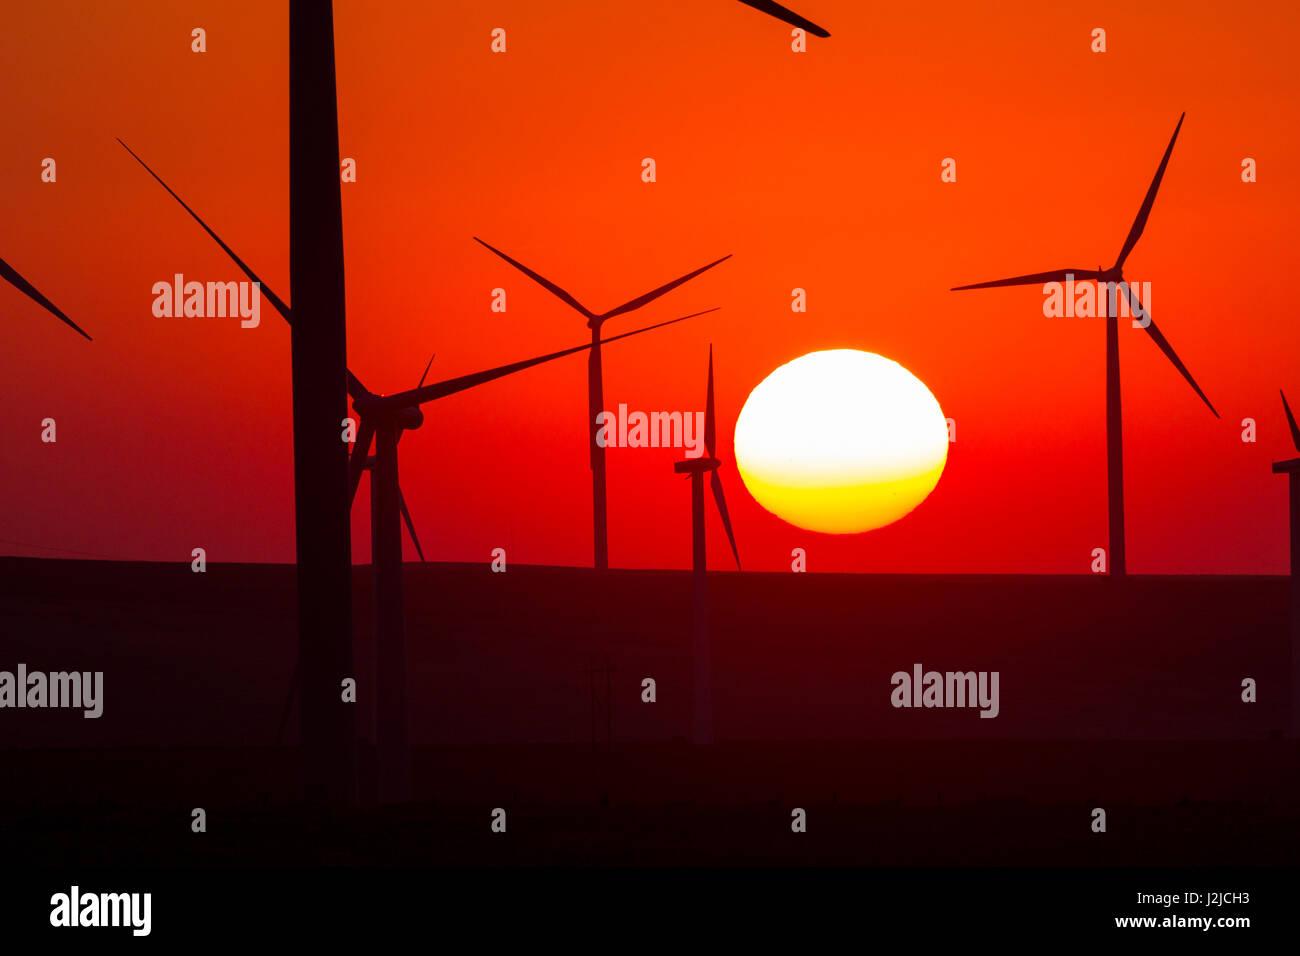 USA, Washington, Walla Walla County. Windmühlen in der südwestlichen Ecke des Countys. Stateline Wind-Projekt. Stockfoto